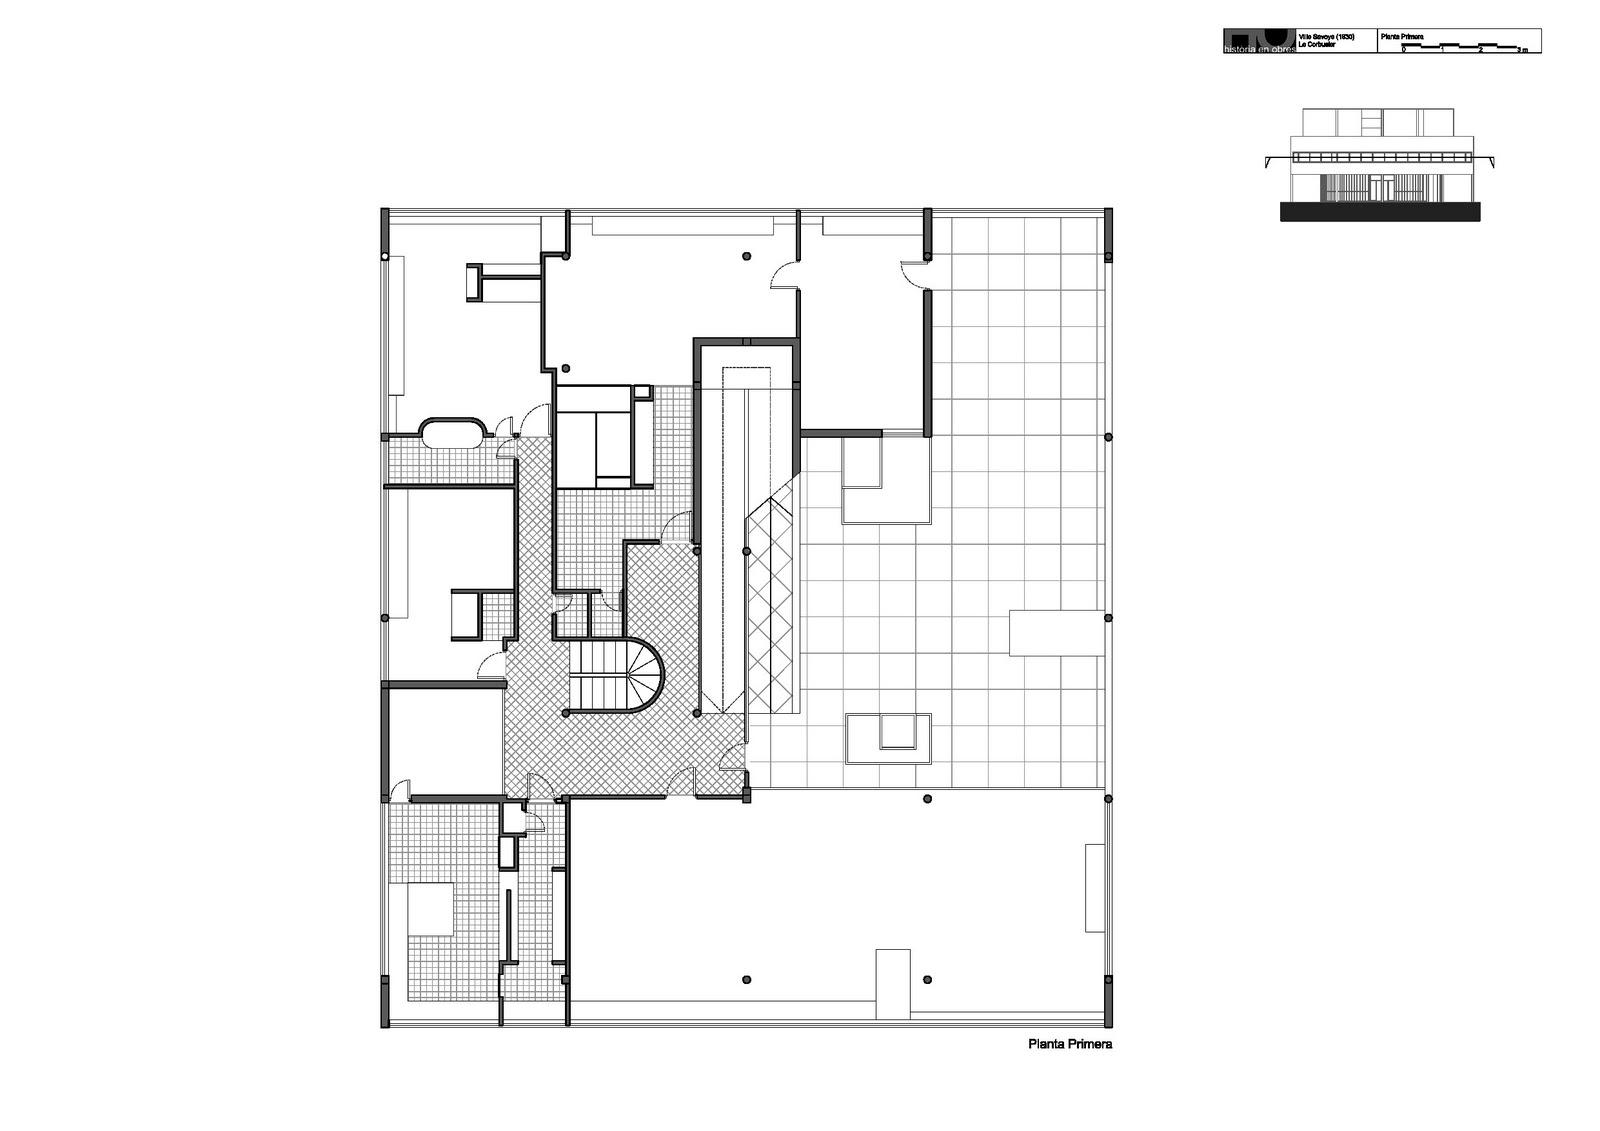 Planos de le corbusier - Casas de le corbusier ...